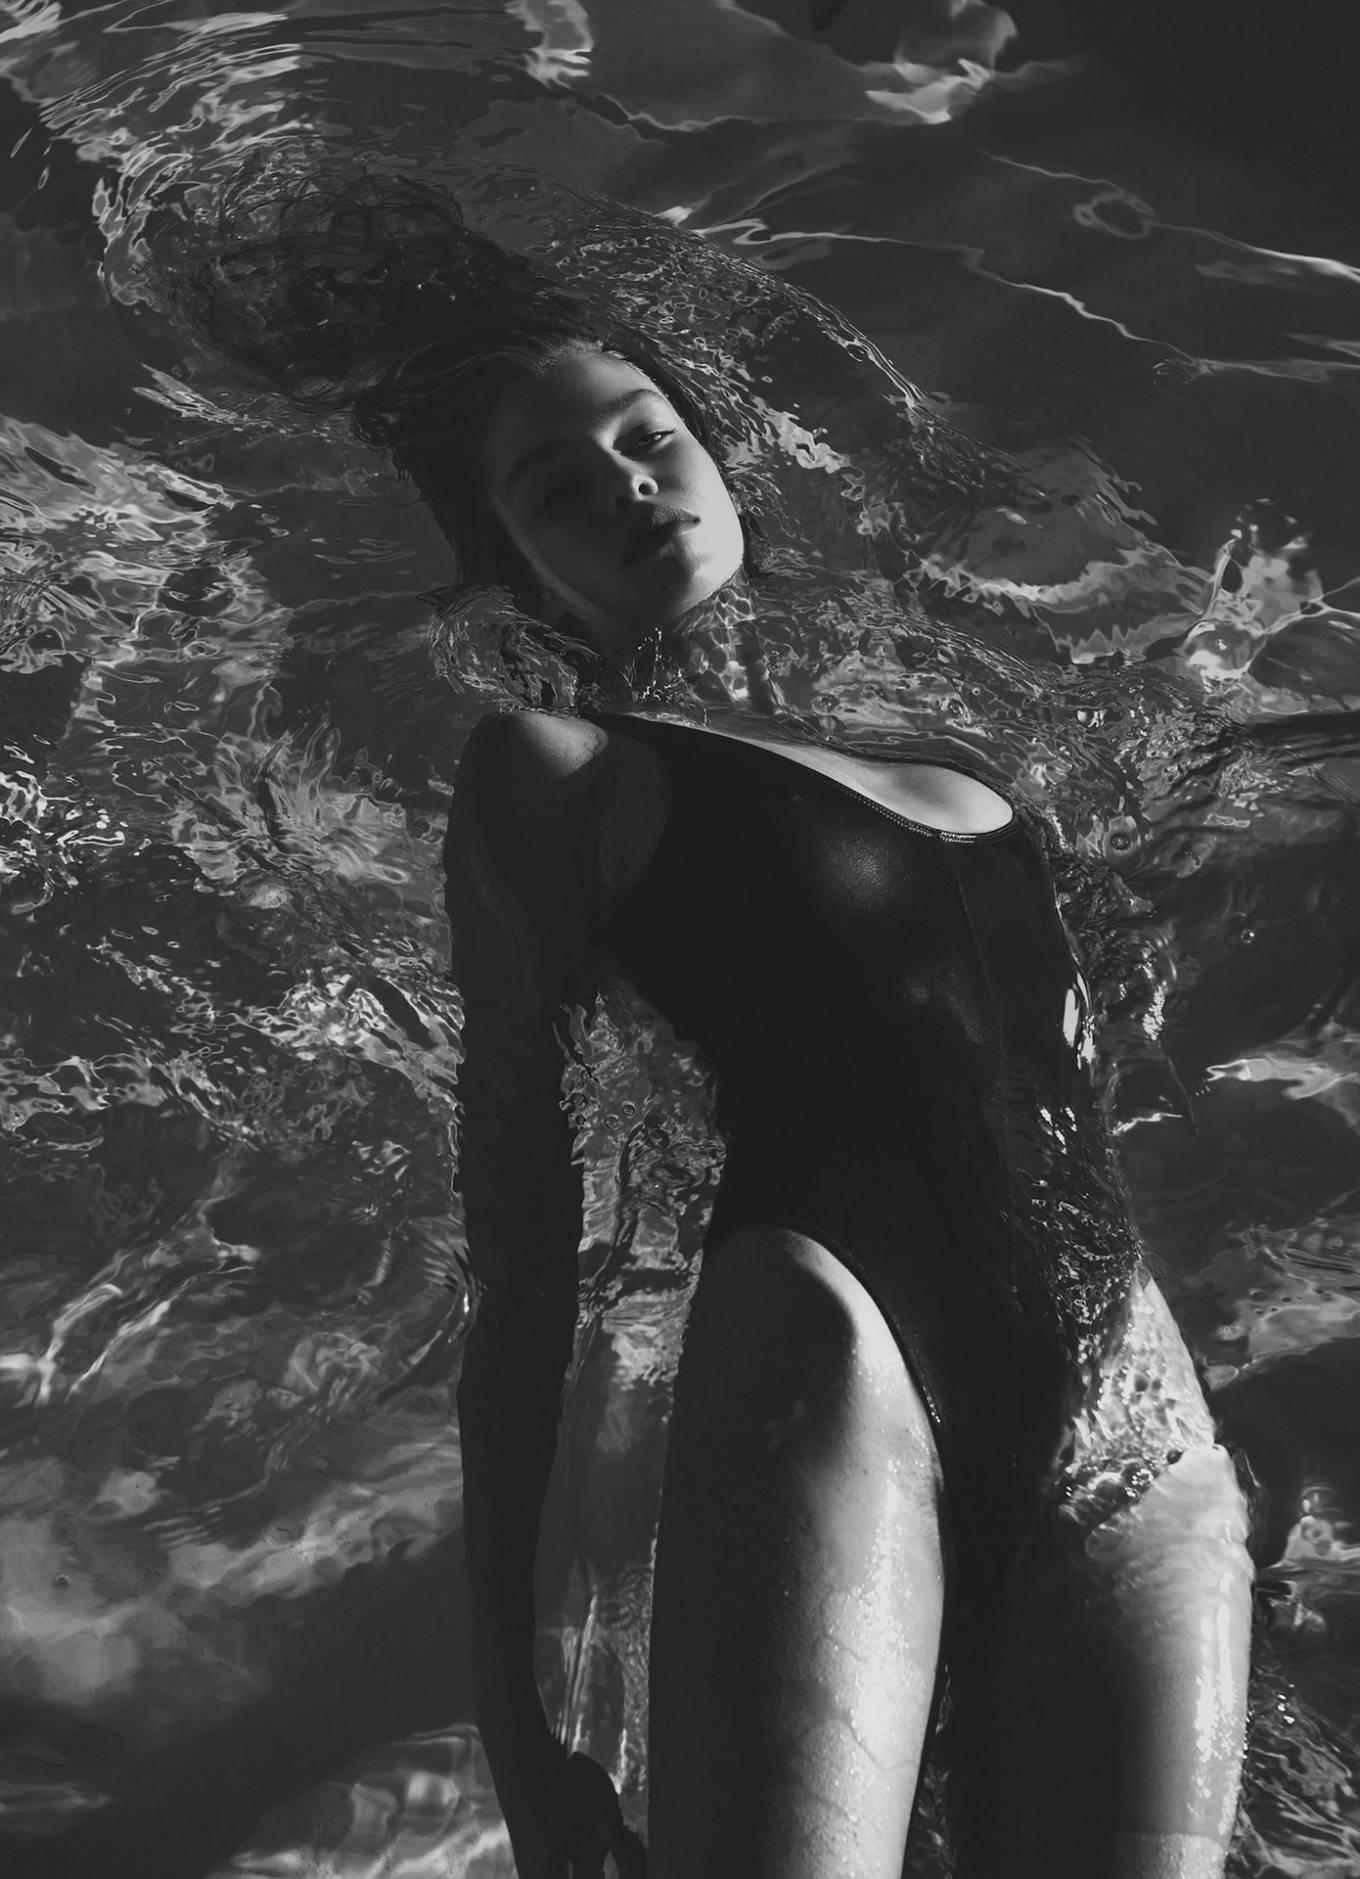 Stella Maxwell - PS by Rowan Papier (May 2020)